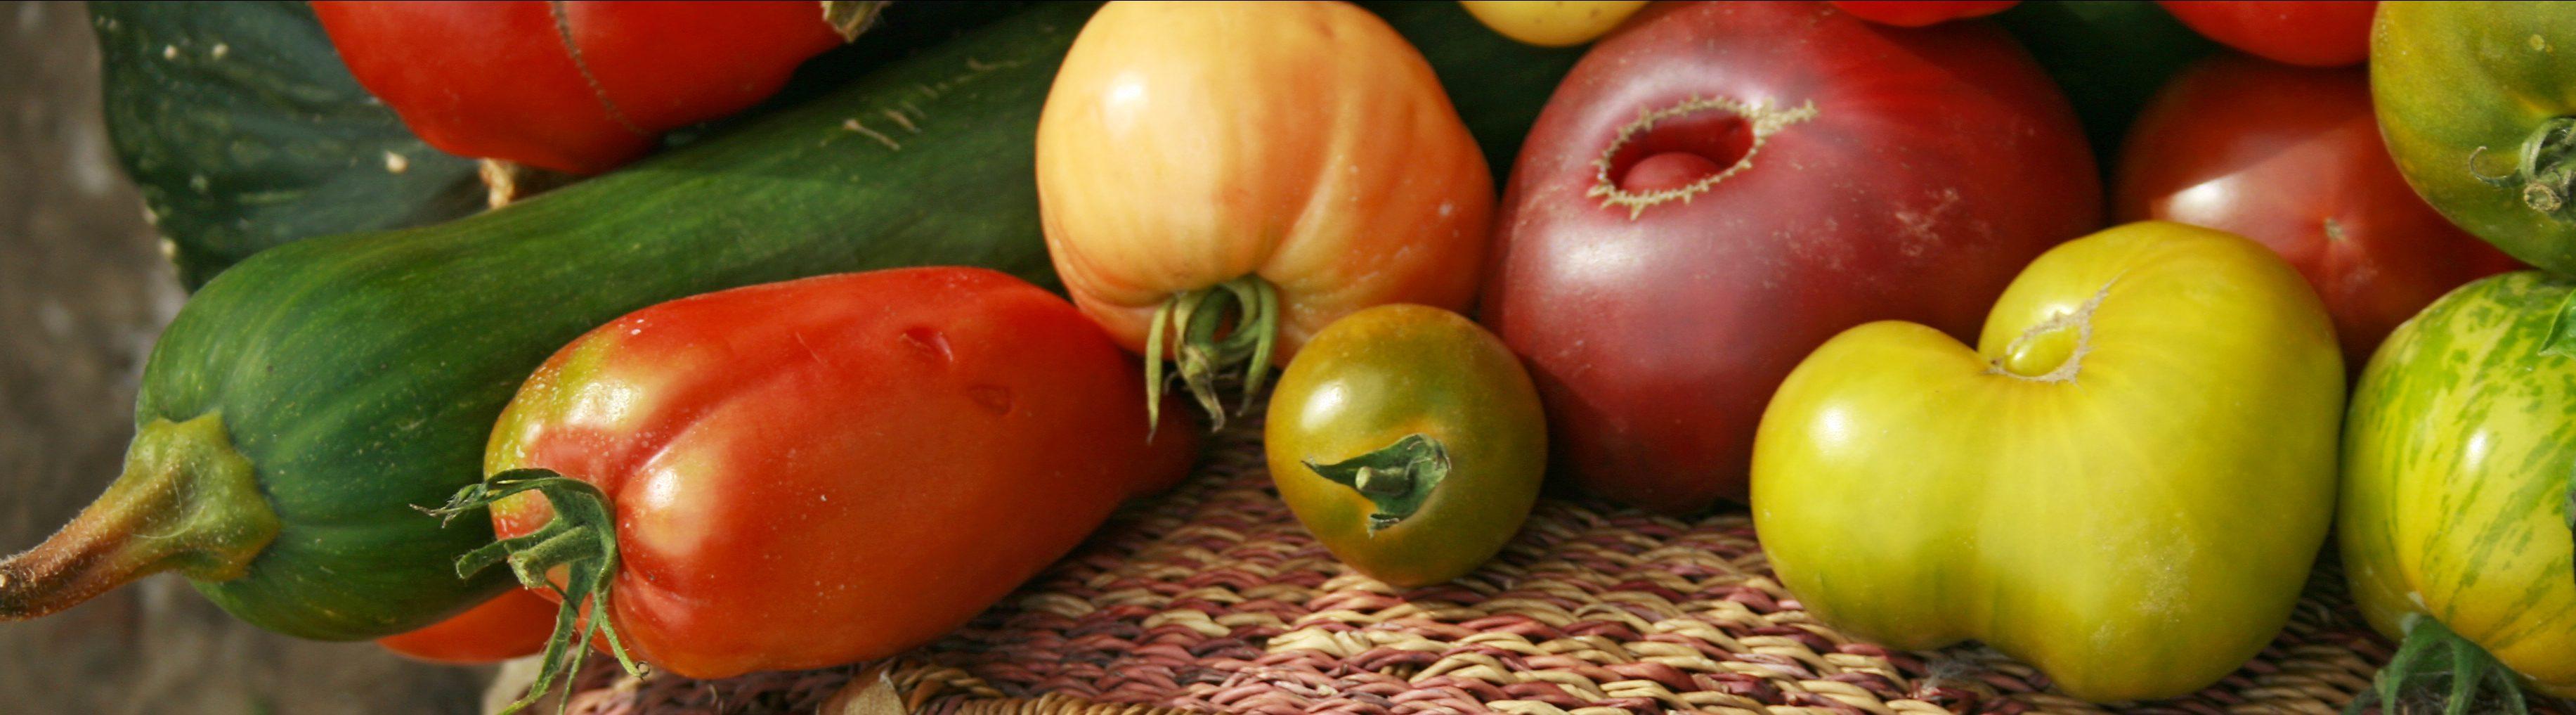 Légumes fontaine pareuse